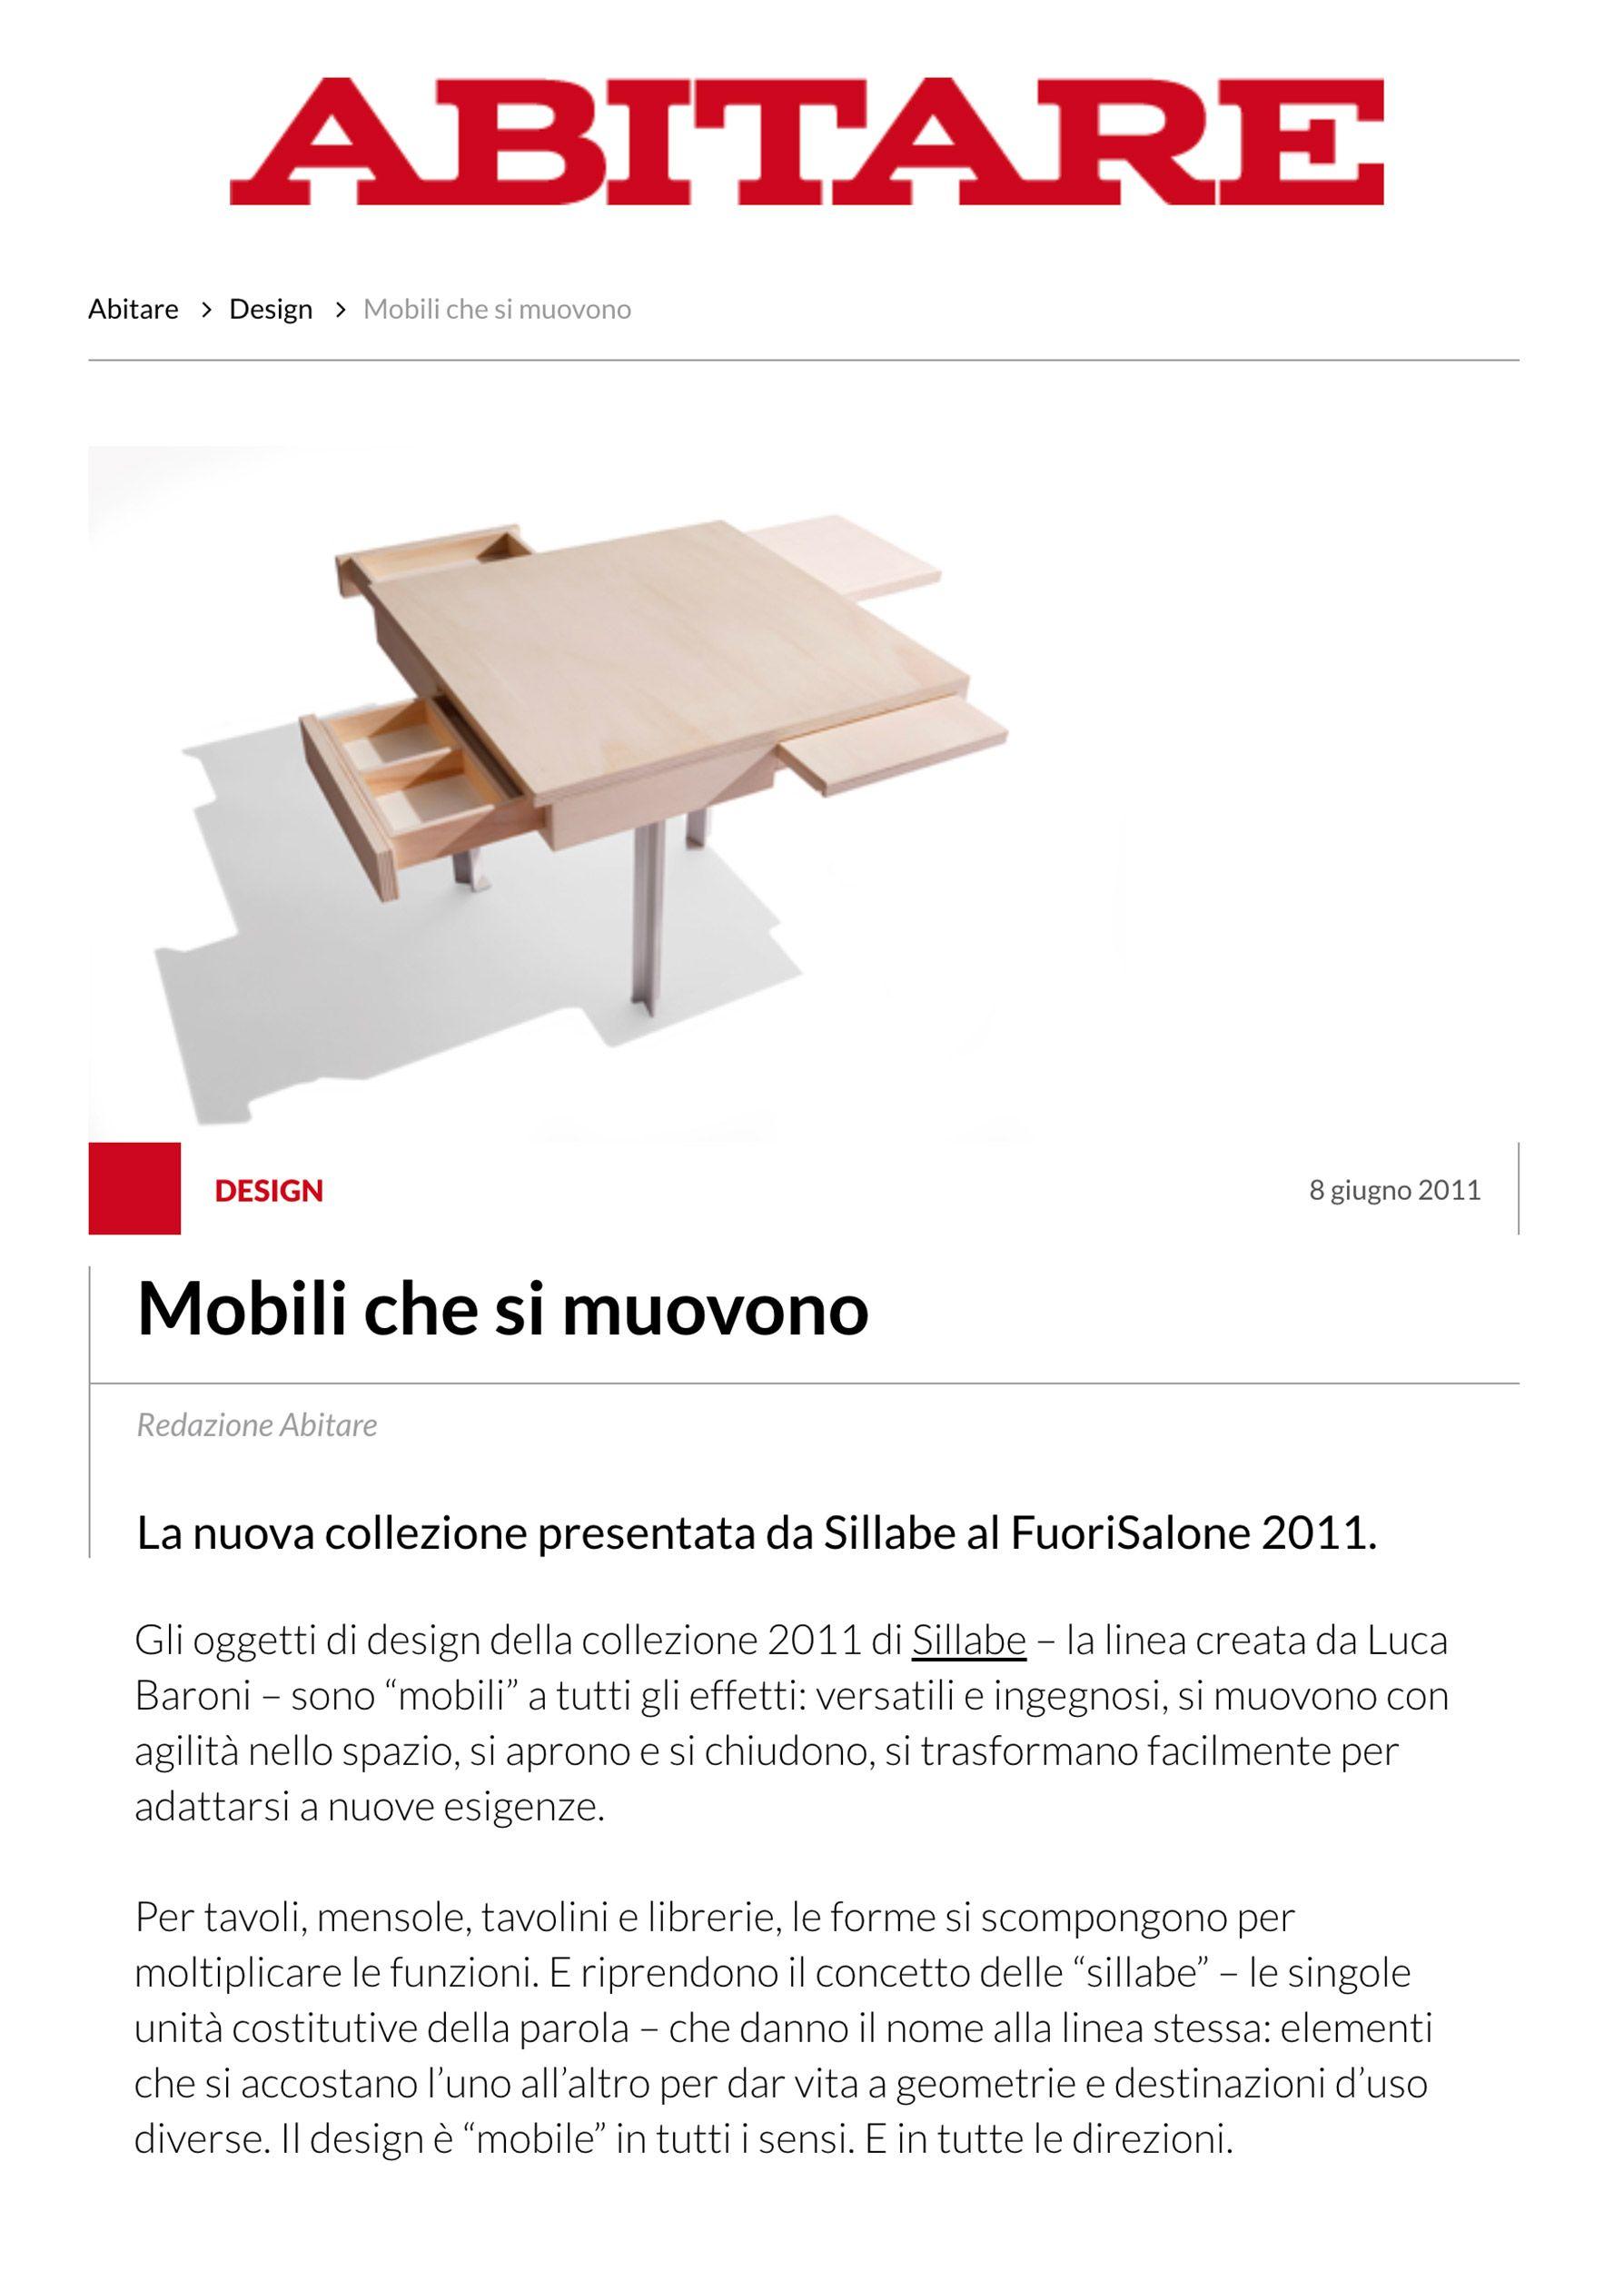 Sillabe Luca Baroni Press Abitare